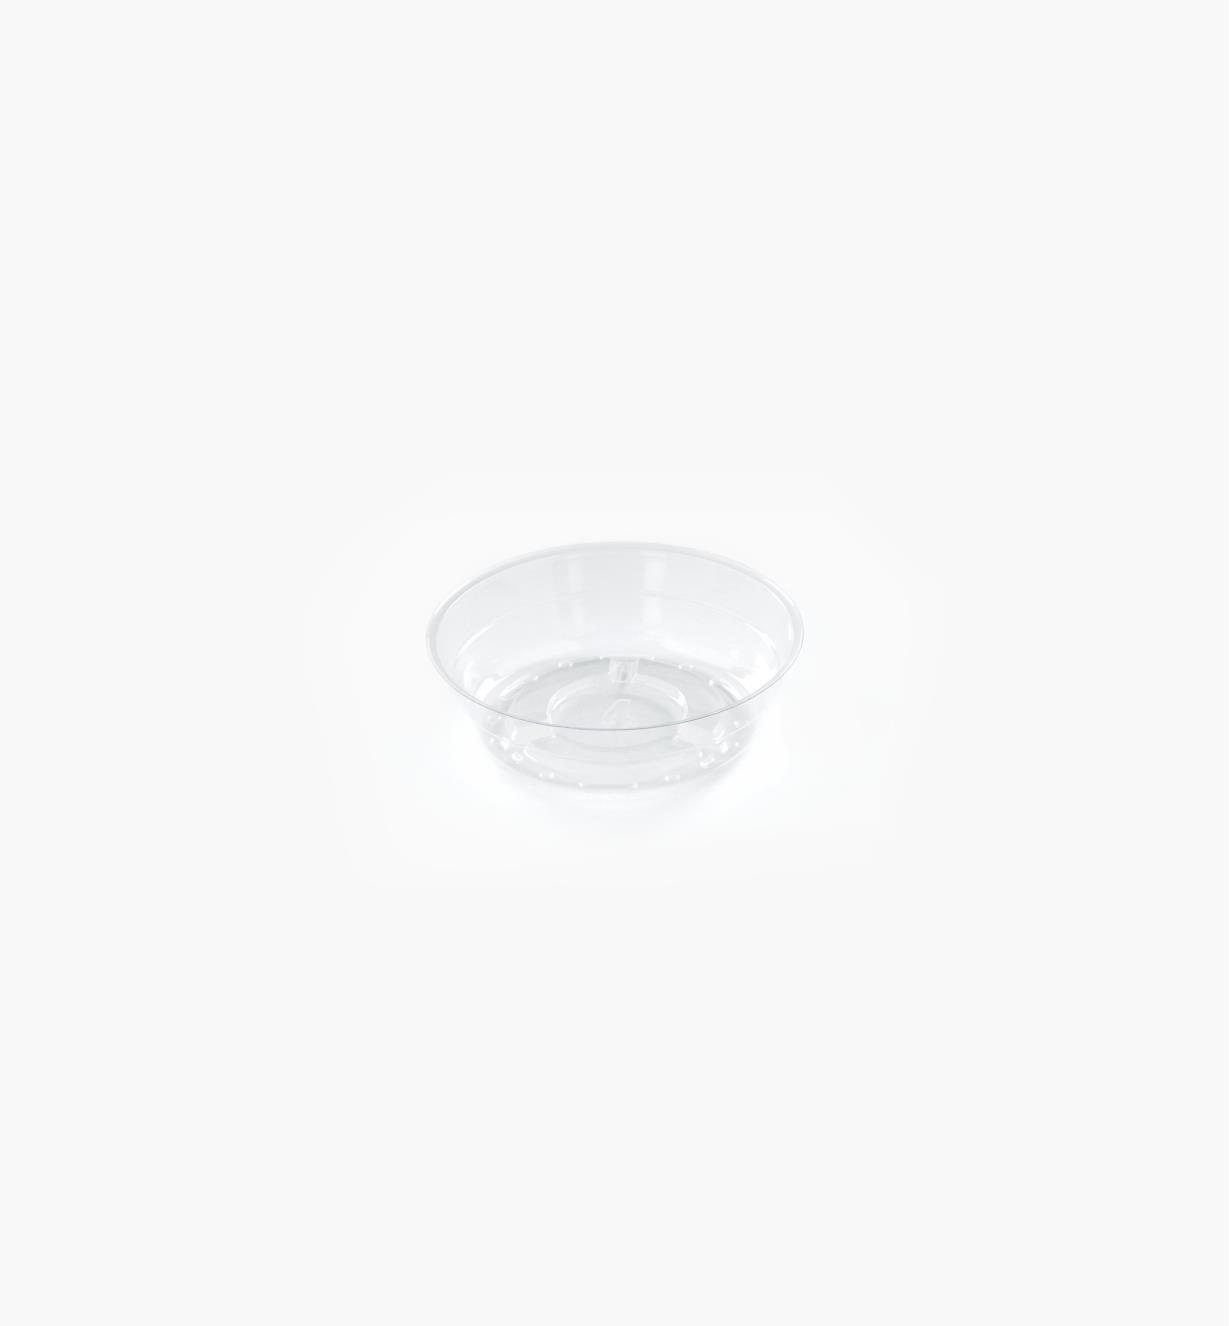 EA820 - Sous-pot classique transparent, 4po